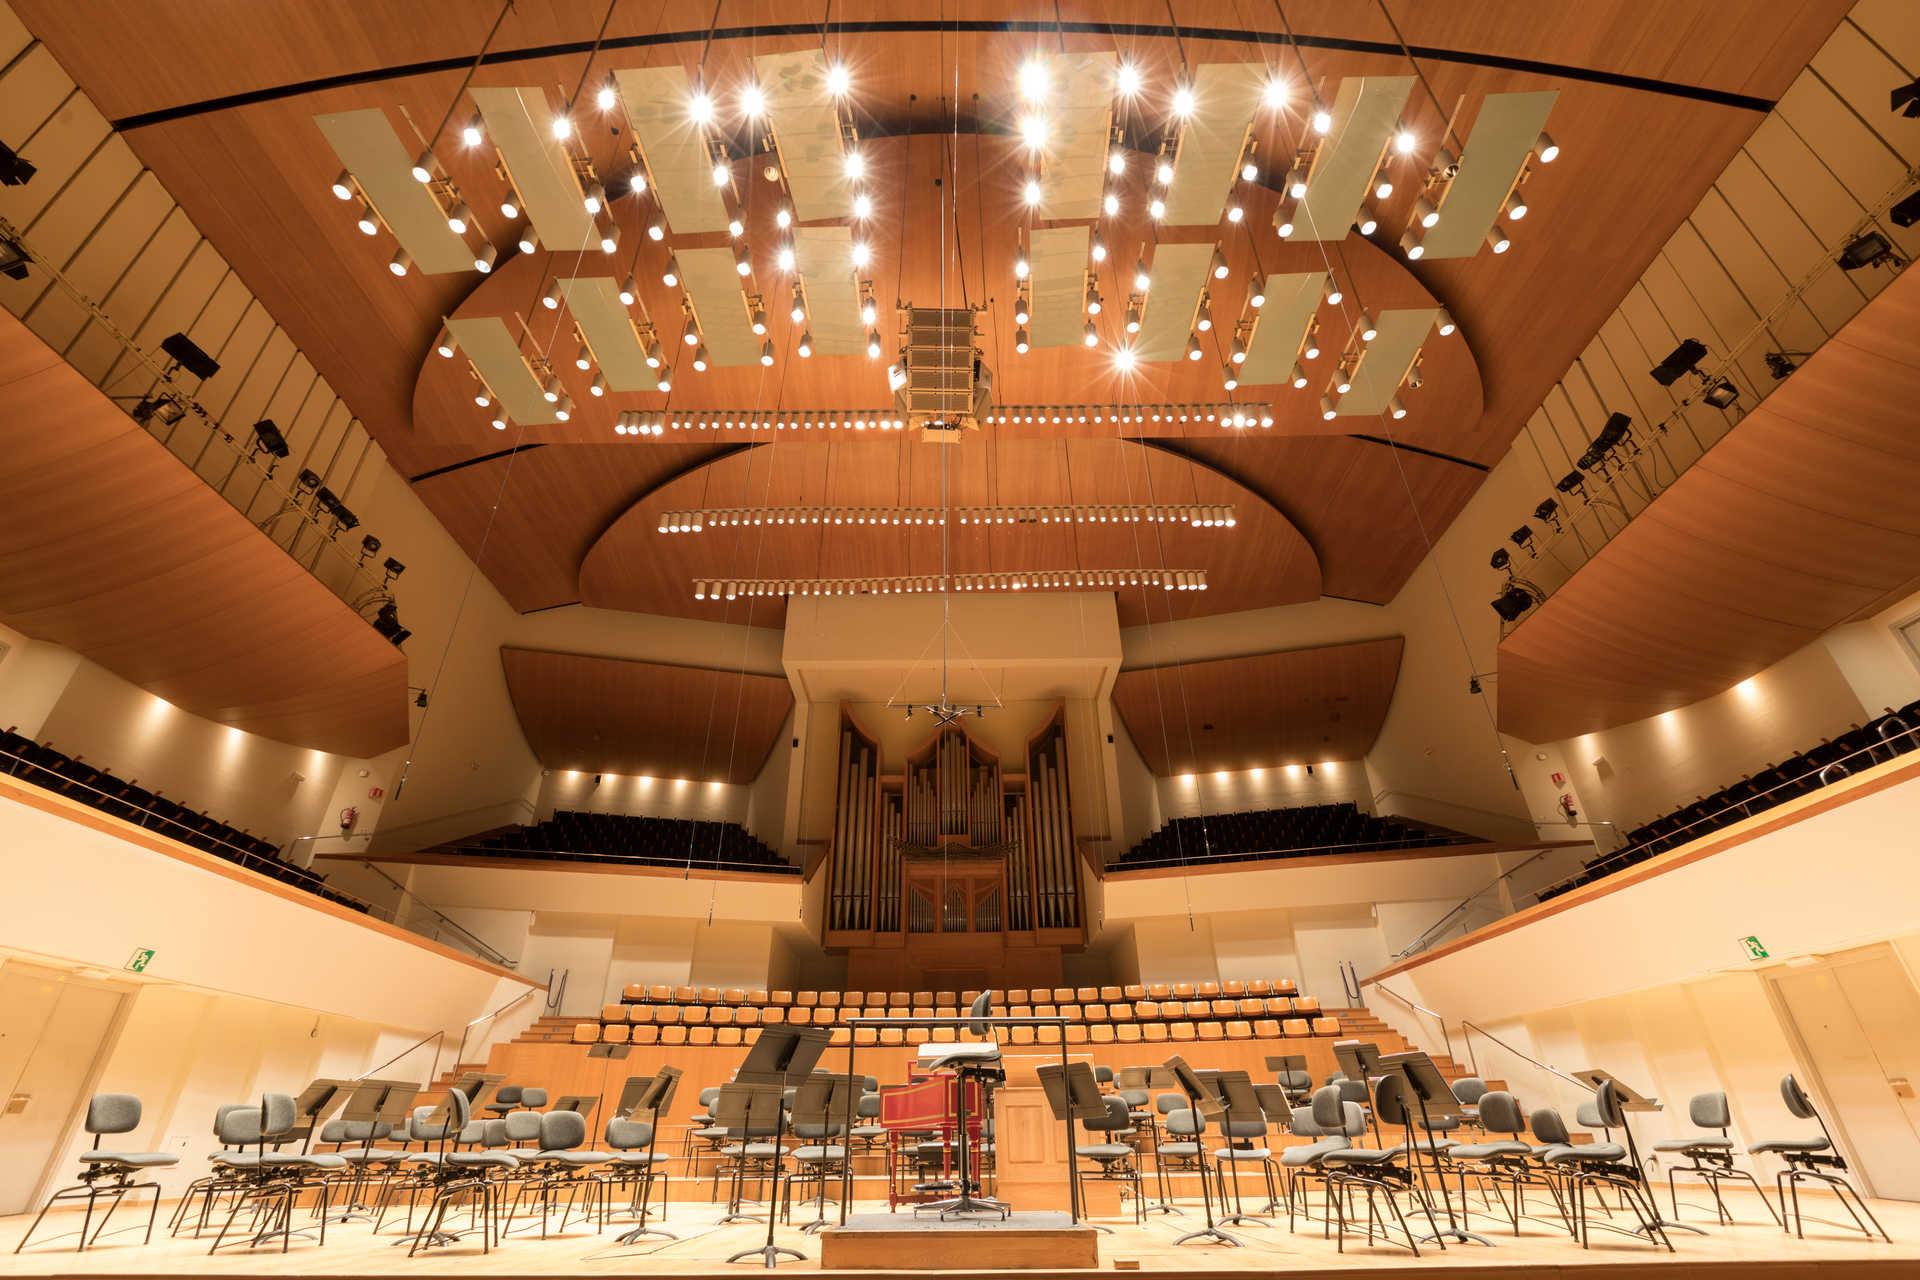 Palau de la Música i Congressos de València